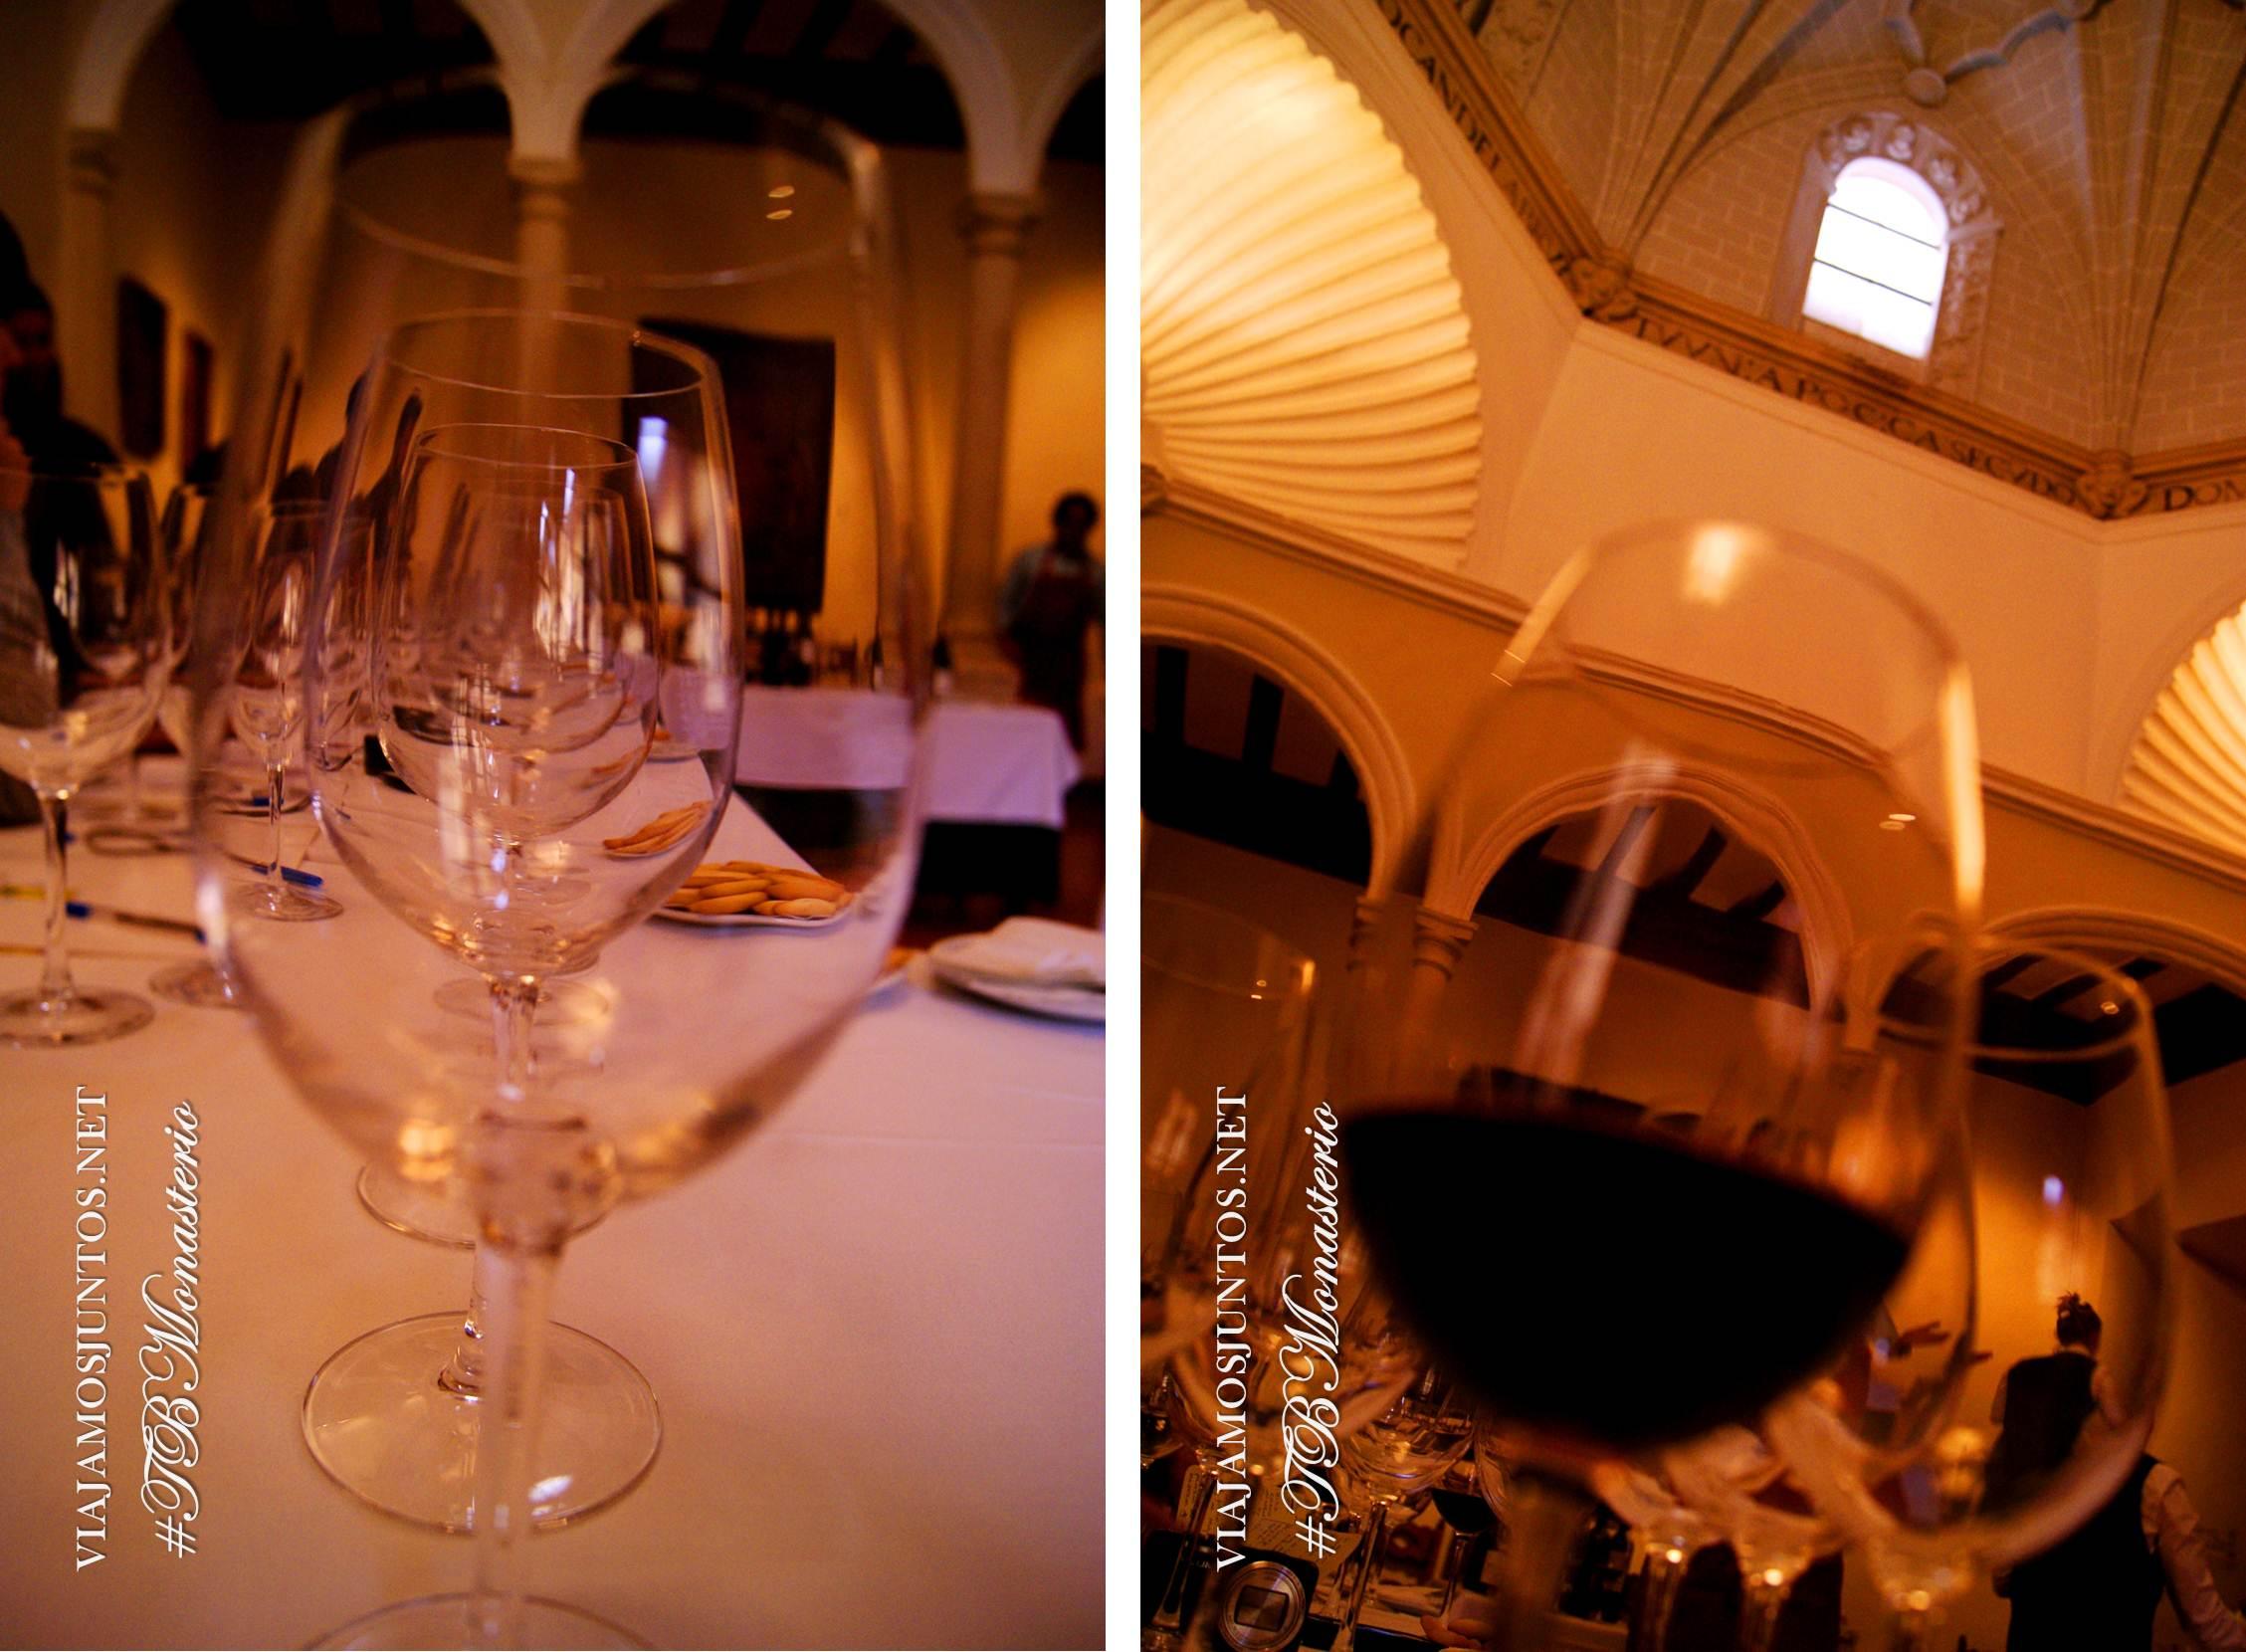 monasterio de piedra, zaragoza, nuevalos, madrid travel bloggers, barcelona travel bloggers, madtb, bcntb, cata de vinos, vinos divertidos, jose marco, curiosidades